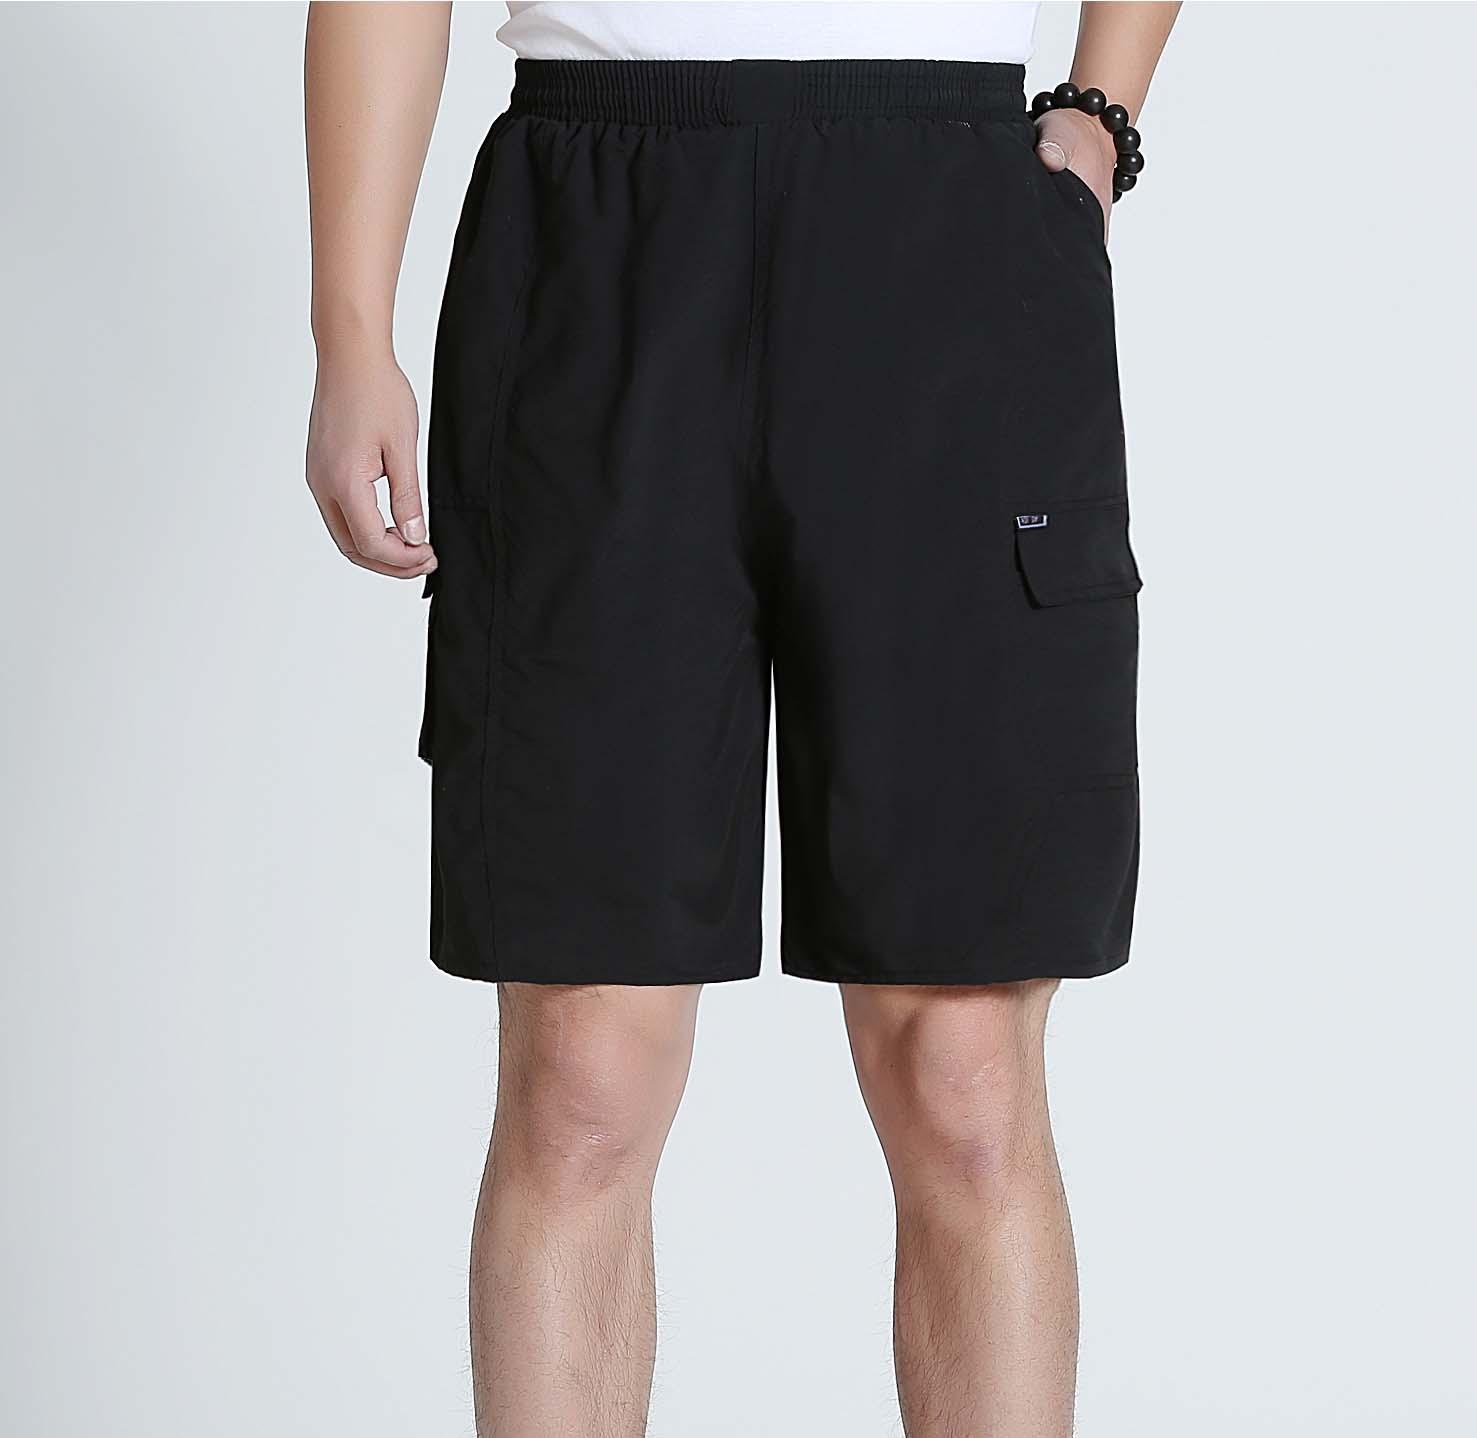 中年男士薄款宽松沙滩裤,券后16.9元包邮